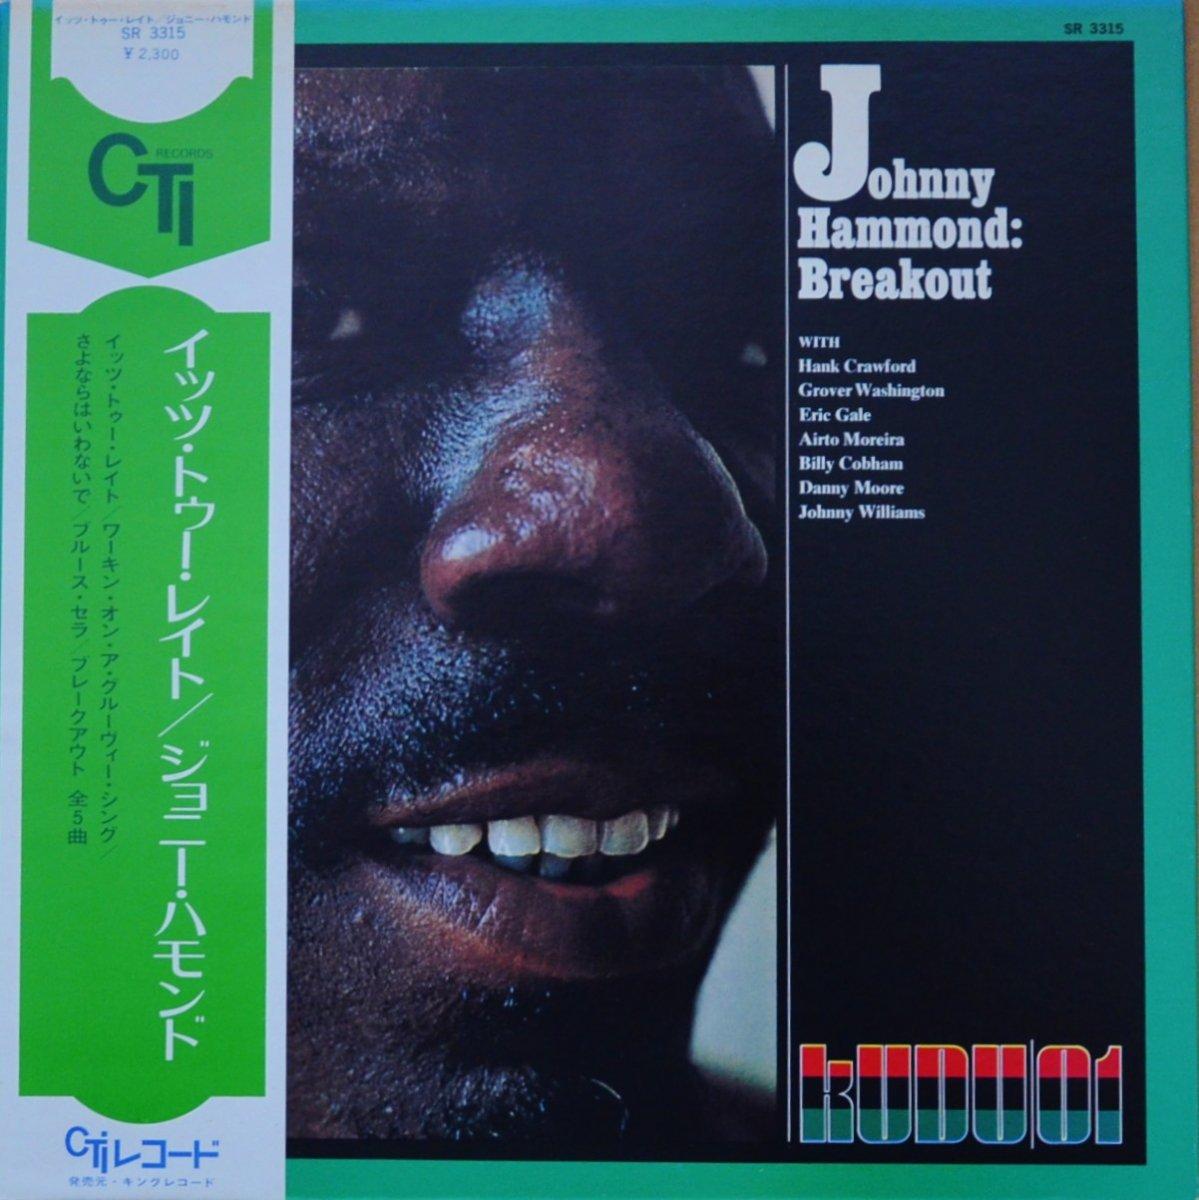 ジョニー・ハモンド JOHNNY HAMMOND / イッツ・トゥー・レイト BREAKOUT (LP)